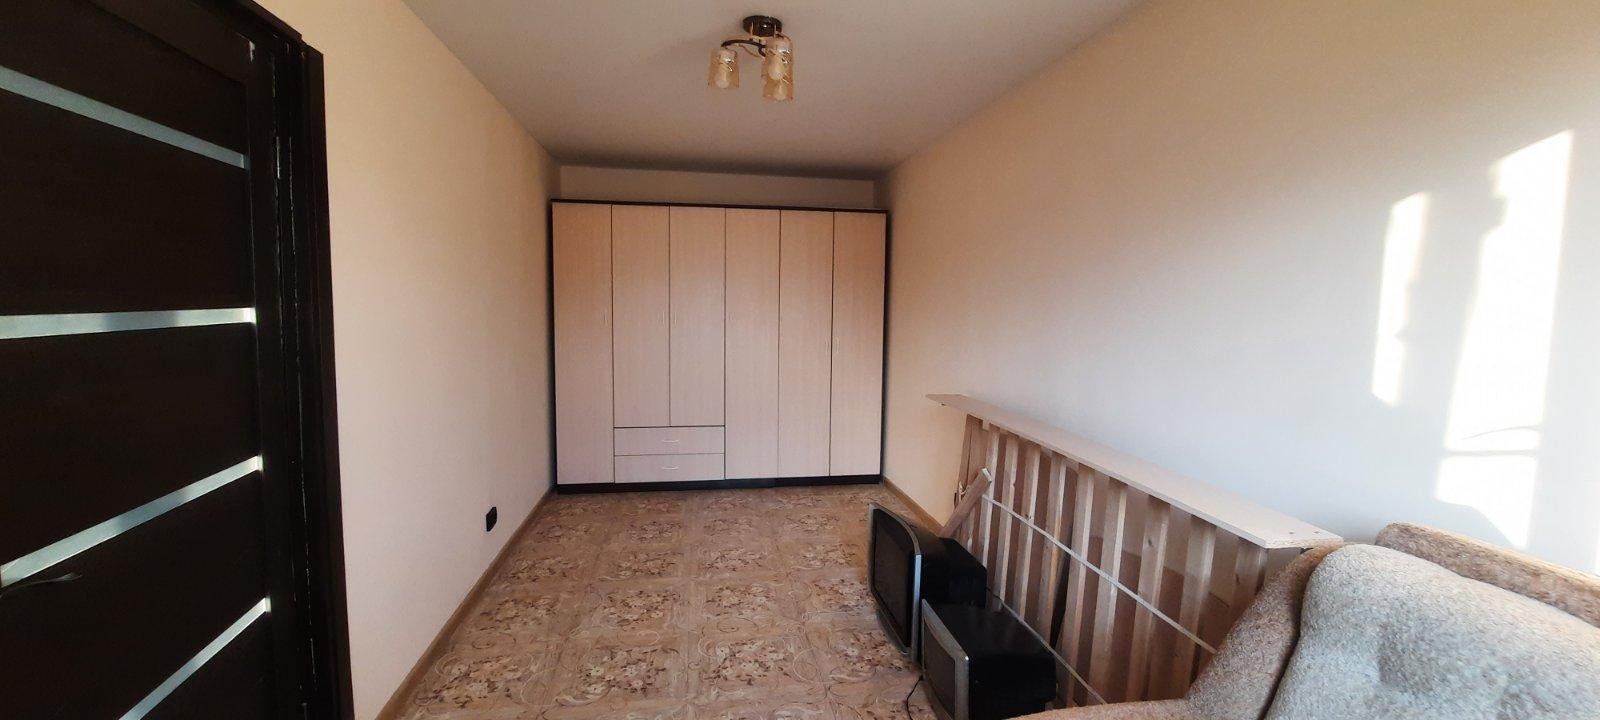 2к квартира улица Кутузова, 27   16000   аренда в Красноярске фото 0